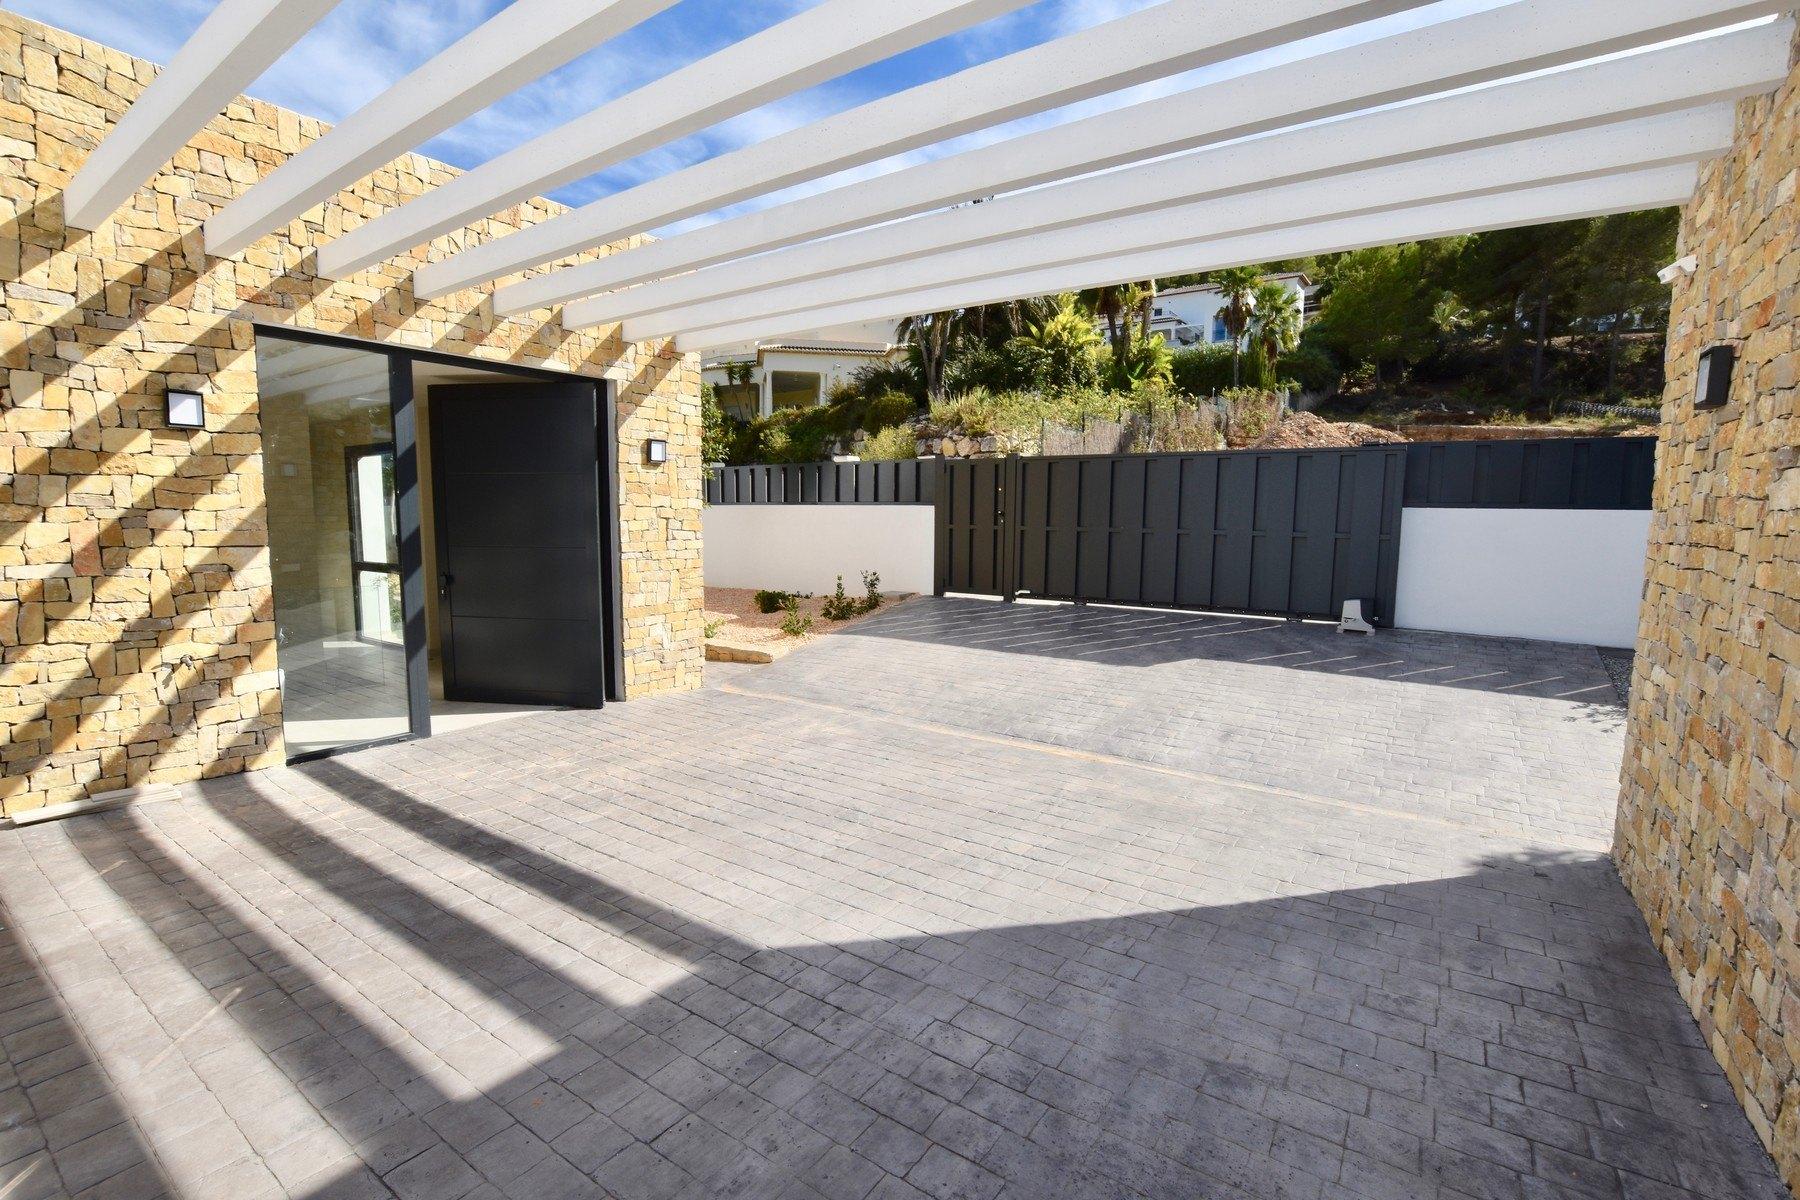 New Construction Villa for Sale in Javea - Costa Blanca